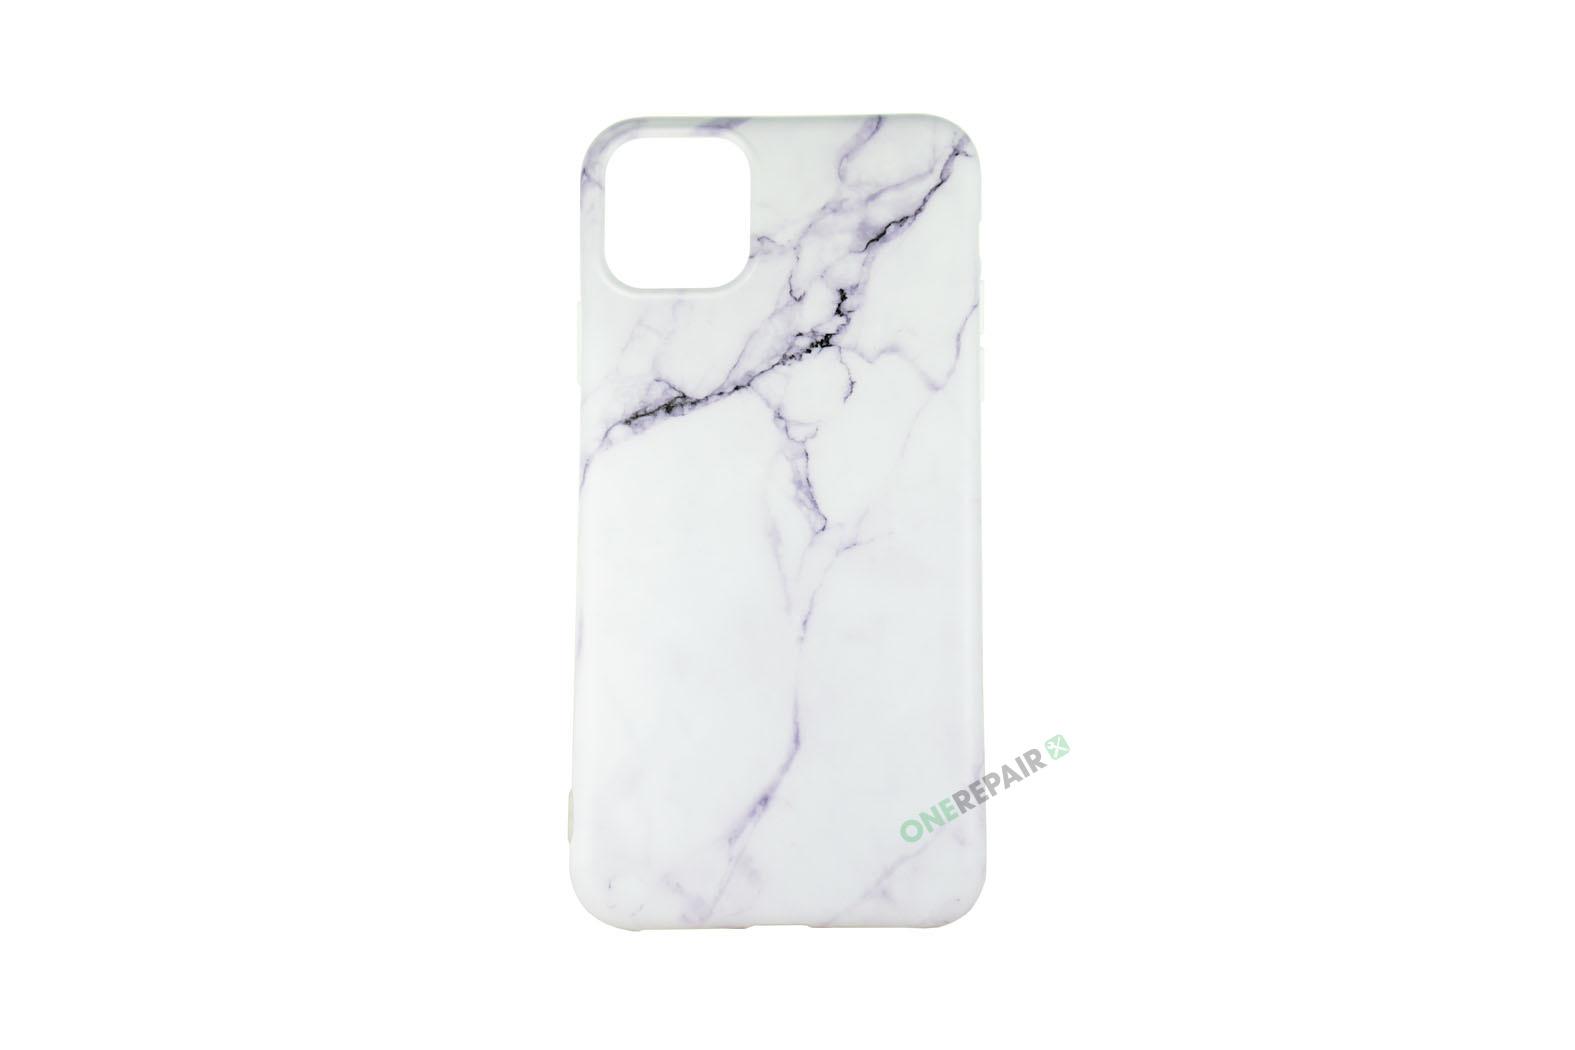 353755-002_iPhone_11_pro_max_Marmor_Classic_hvid_OneRepair_00001